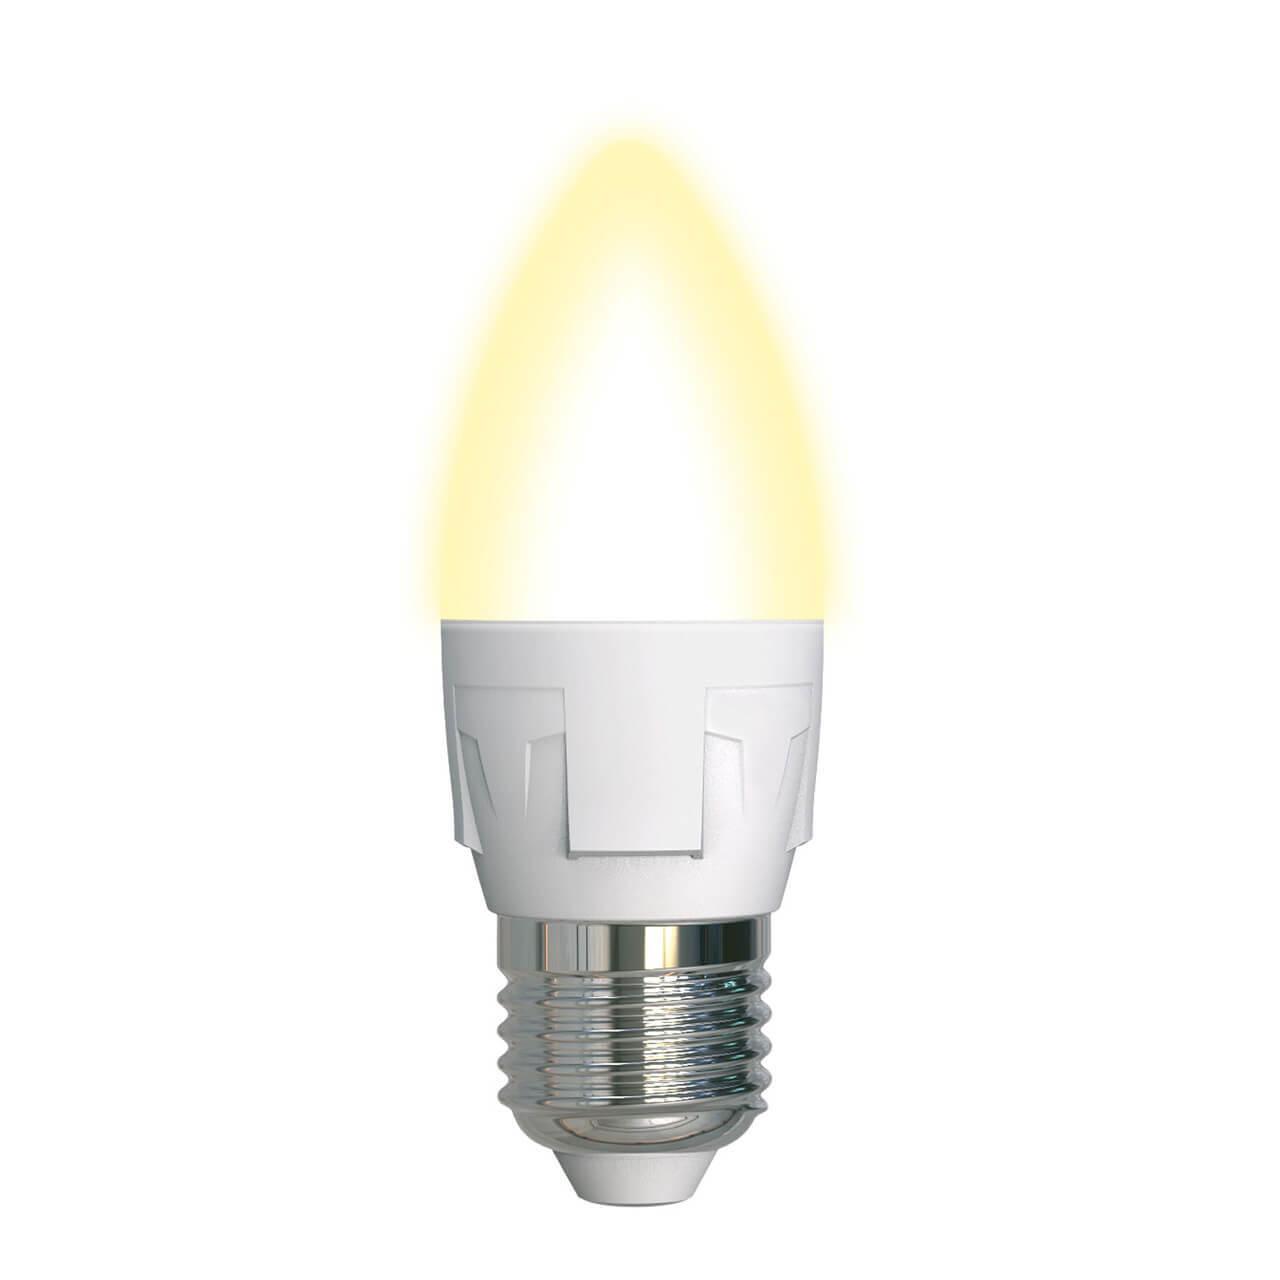 Лампа светодиодная (UL-00002414) Uniel E27 7W 3000K матовая LED-C37 7W/WW/E27/FR PLP01WH цена в Москве и Питере